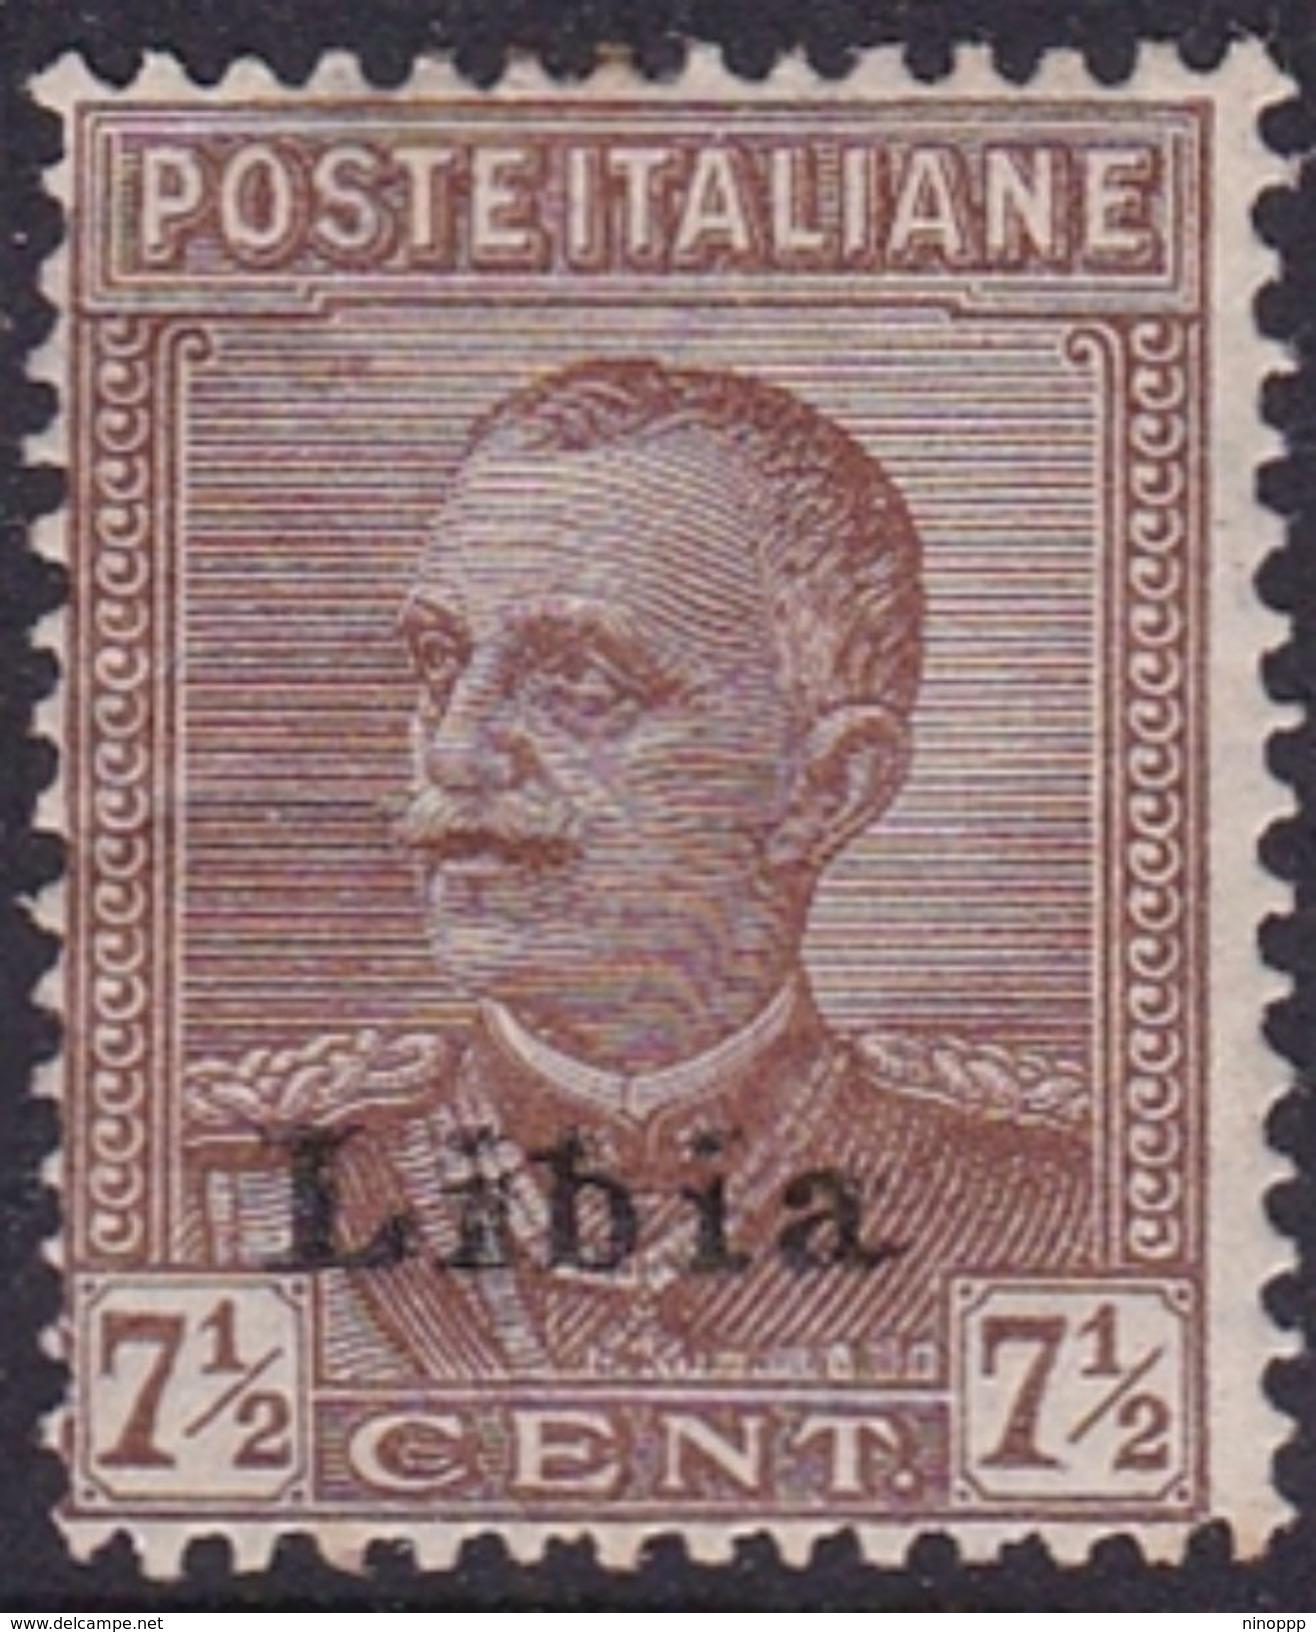 Italy-Colonies And Territories-Libya S 78 1929 King  V. Emanuele III,7.5 C Brown,Mint Hinged - Libya